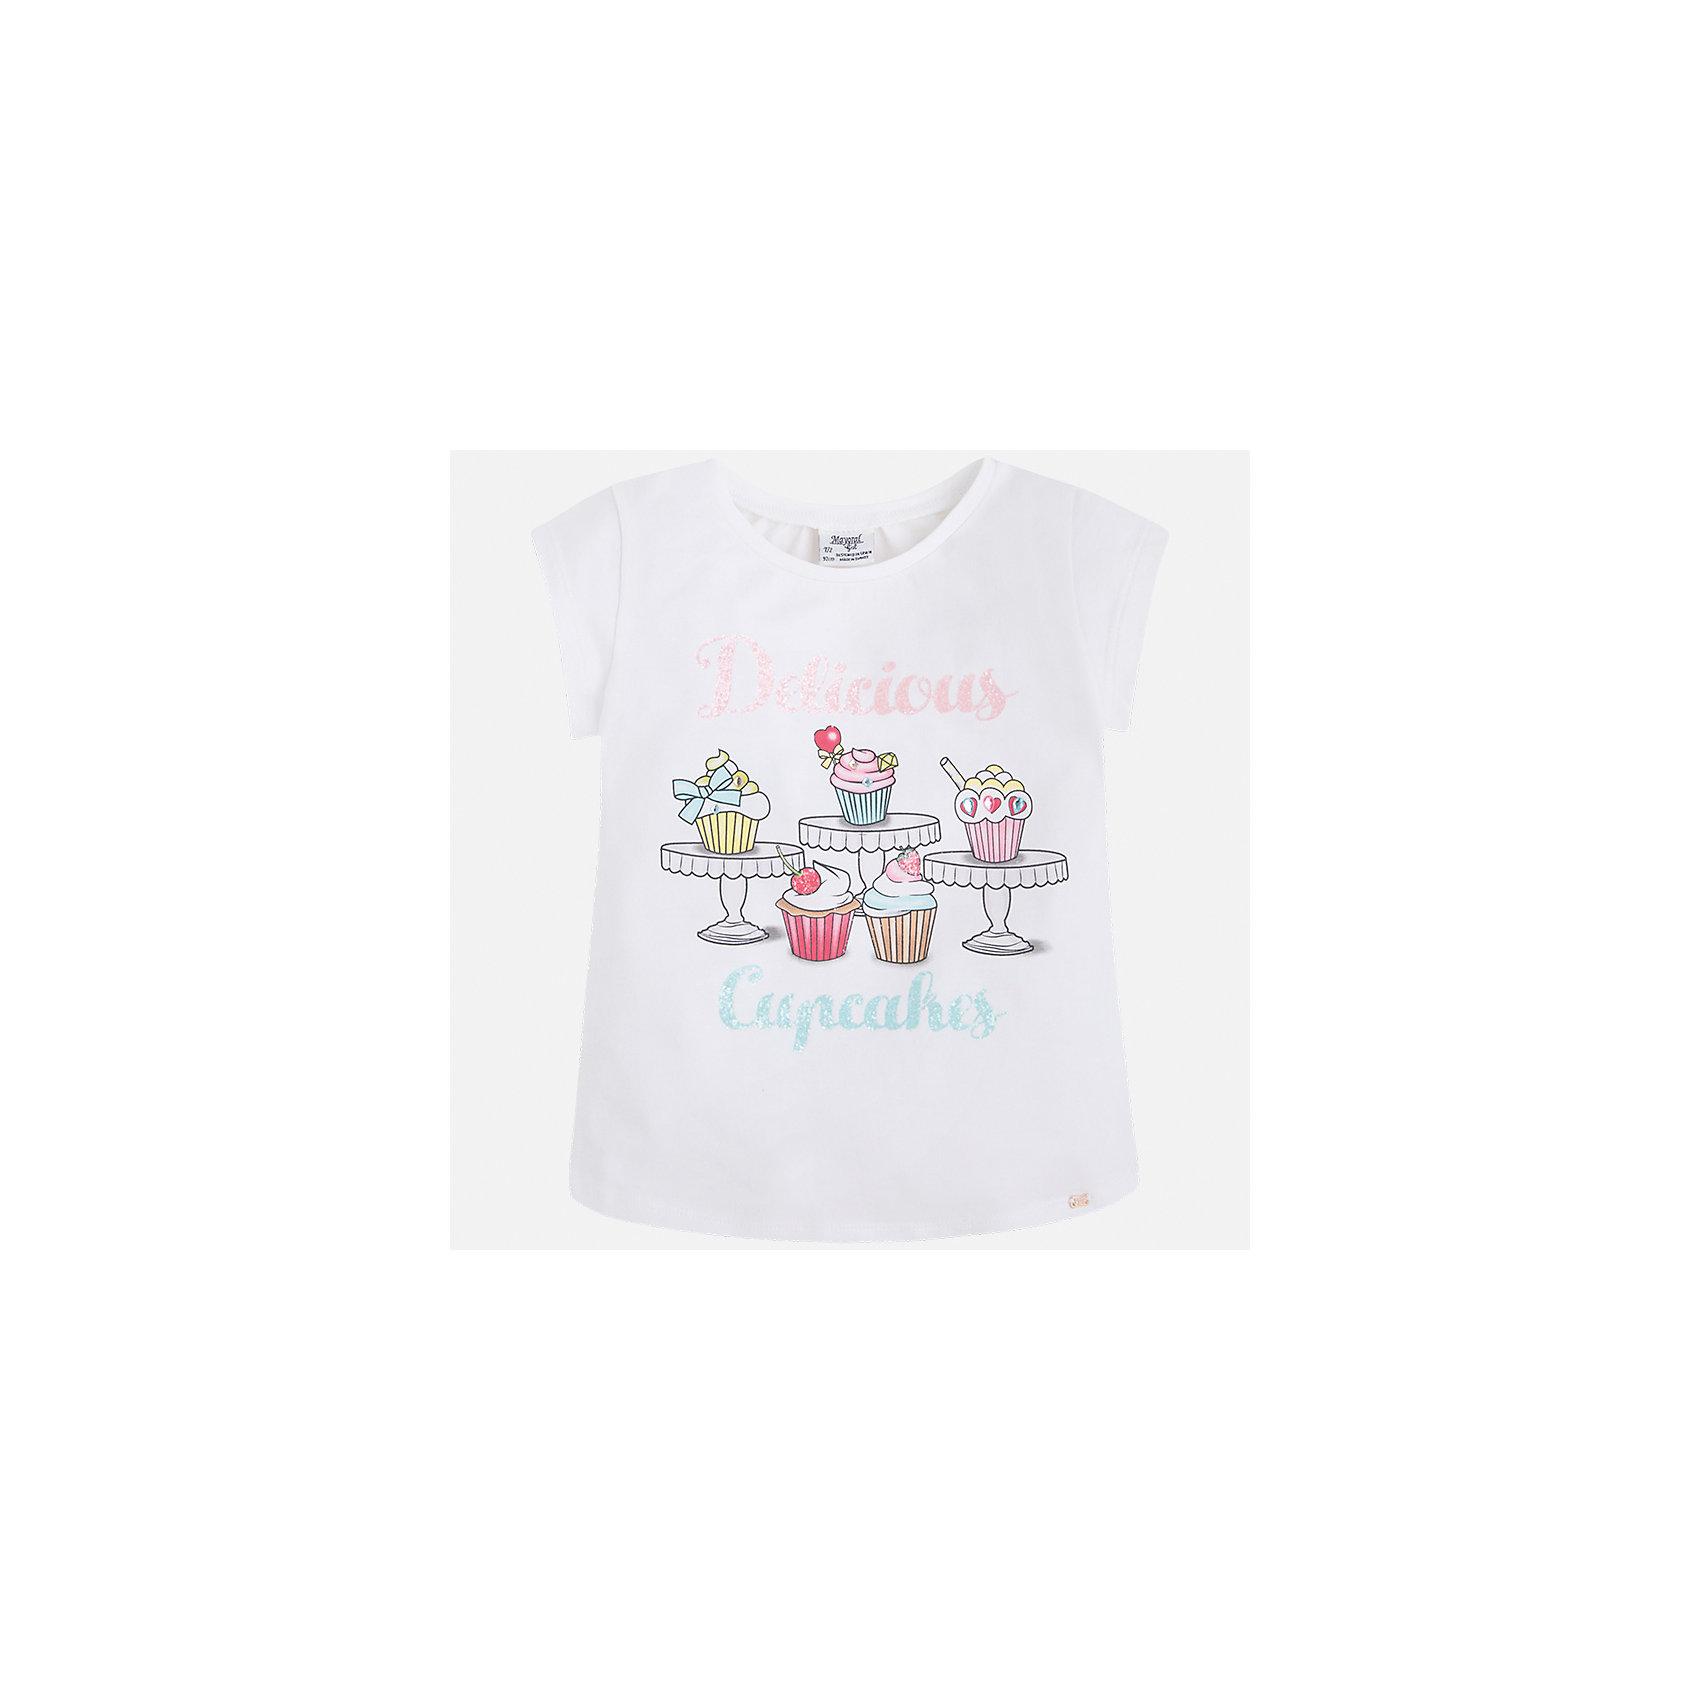 Футболка для девочки MayoralФутболки, поло и топы<br>Характеристики товара:<br><br>• цвет: белый<br>• состав: 95% хлопок, 5% эластан<br>• эластичный материал<br>• декорирована принтом<br>• короткие рукава<br>• округлый горловой вырез<br>• страна бренда: Испания<br><br>Модная качественная футболка для девочки поможет разнообразить гардероб ребенка и украсить наряд. Она отлично сочетается и с юбками, и с шортами, и с брюками. Универсальный цвет позволяет подобрать к вещи низ практически любой расцветки. Интересная отделка модели делает её нарядной и оригинальной. В составе материала есть натуральный хлопок, гипоаллергенный, приятный на ощупь, дышащий.<br><br>Одежда, обувь и аксессуары от испанского бренда Mayoral полюбились детям и взрослым по всему миру. Модели этой марки - стильные и удобные. Для их производства используются только безопасные, качественные материалы и фурнитура. Порадуйте ребенка модными и красивыми вещами от Mayoral! <br><br>Футболку для девочки от испанского бренда Mayoral (Майорал) можно купить в нашем интернет-магазине.<br><br>Ширина мм: 199<br>Глубина мм: 10<br>Высота мм: 161<br>Вес г: 151<br>Цвет: белый<br>Возраст от месяцев: 36<br>Возраст до месяцев: 48<br>Пол: Женский<br>Возраст: Детский<br>Размер: 104,98,92,134,128,122,116,110<br>SKU: 5300291